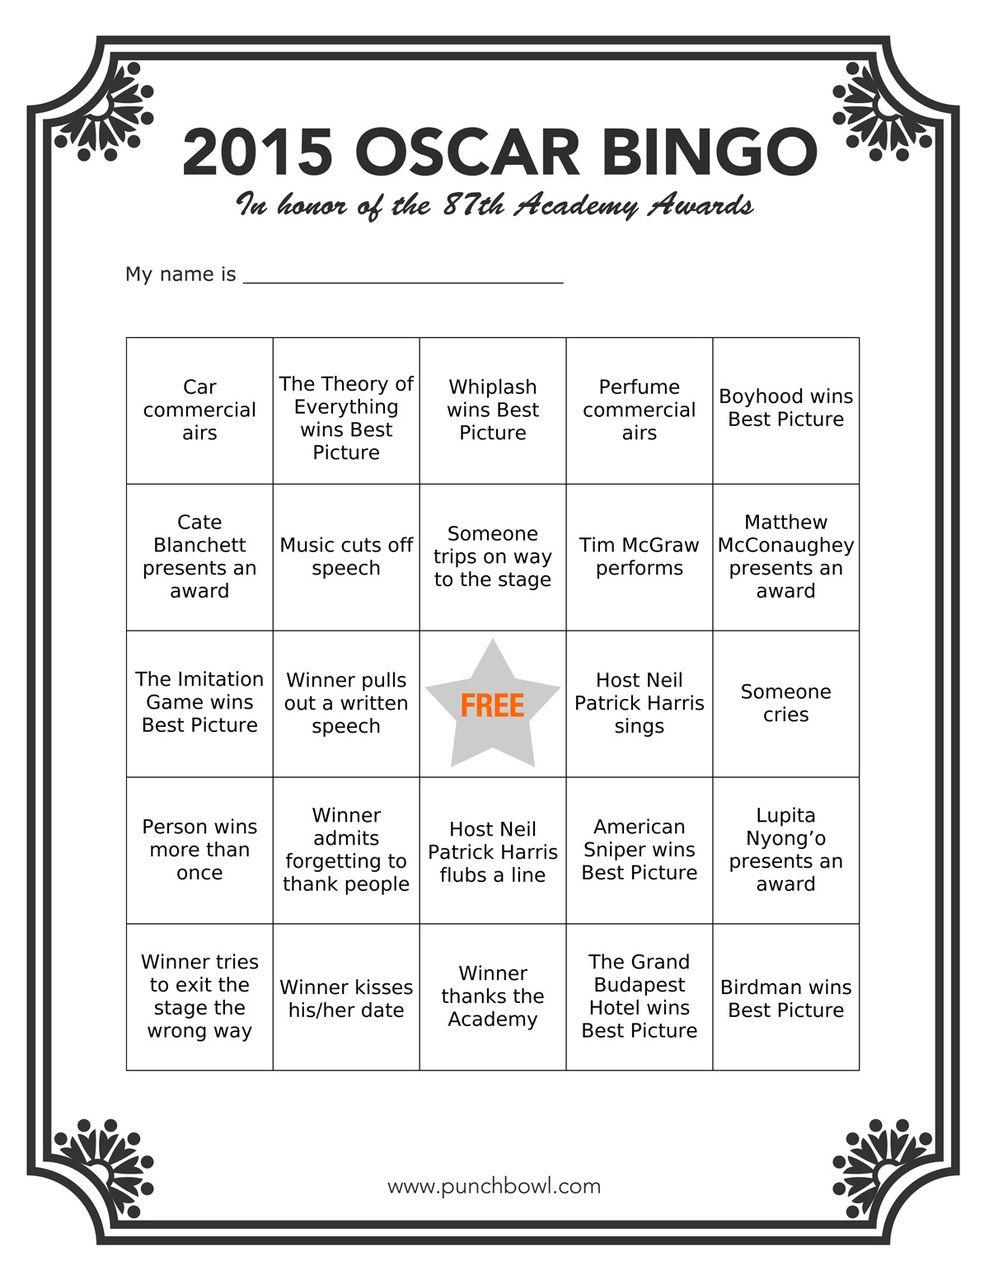 Printable Oscar Bingo for your Academy Awards party!